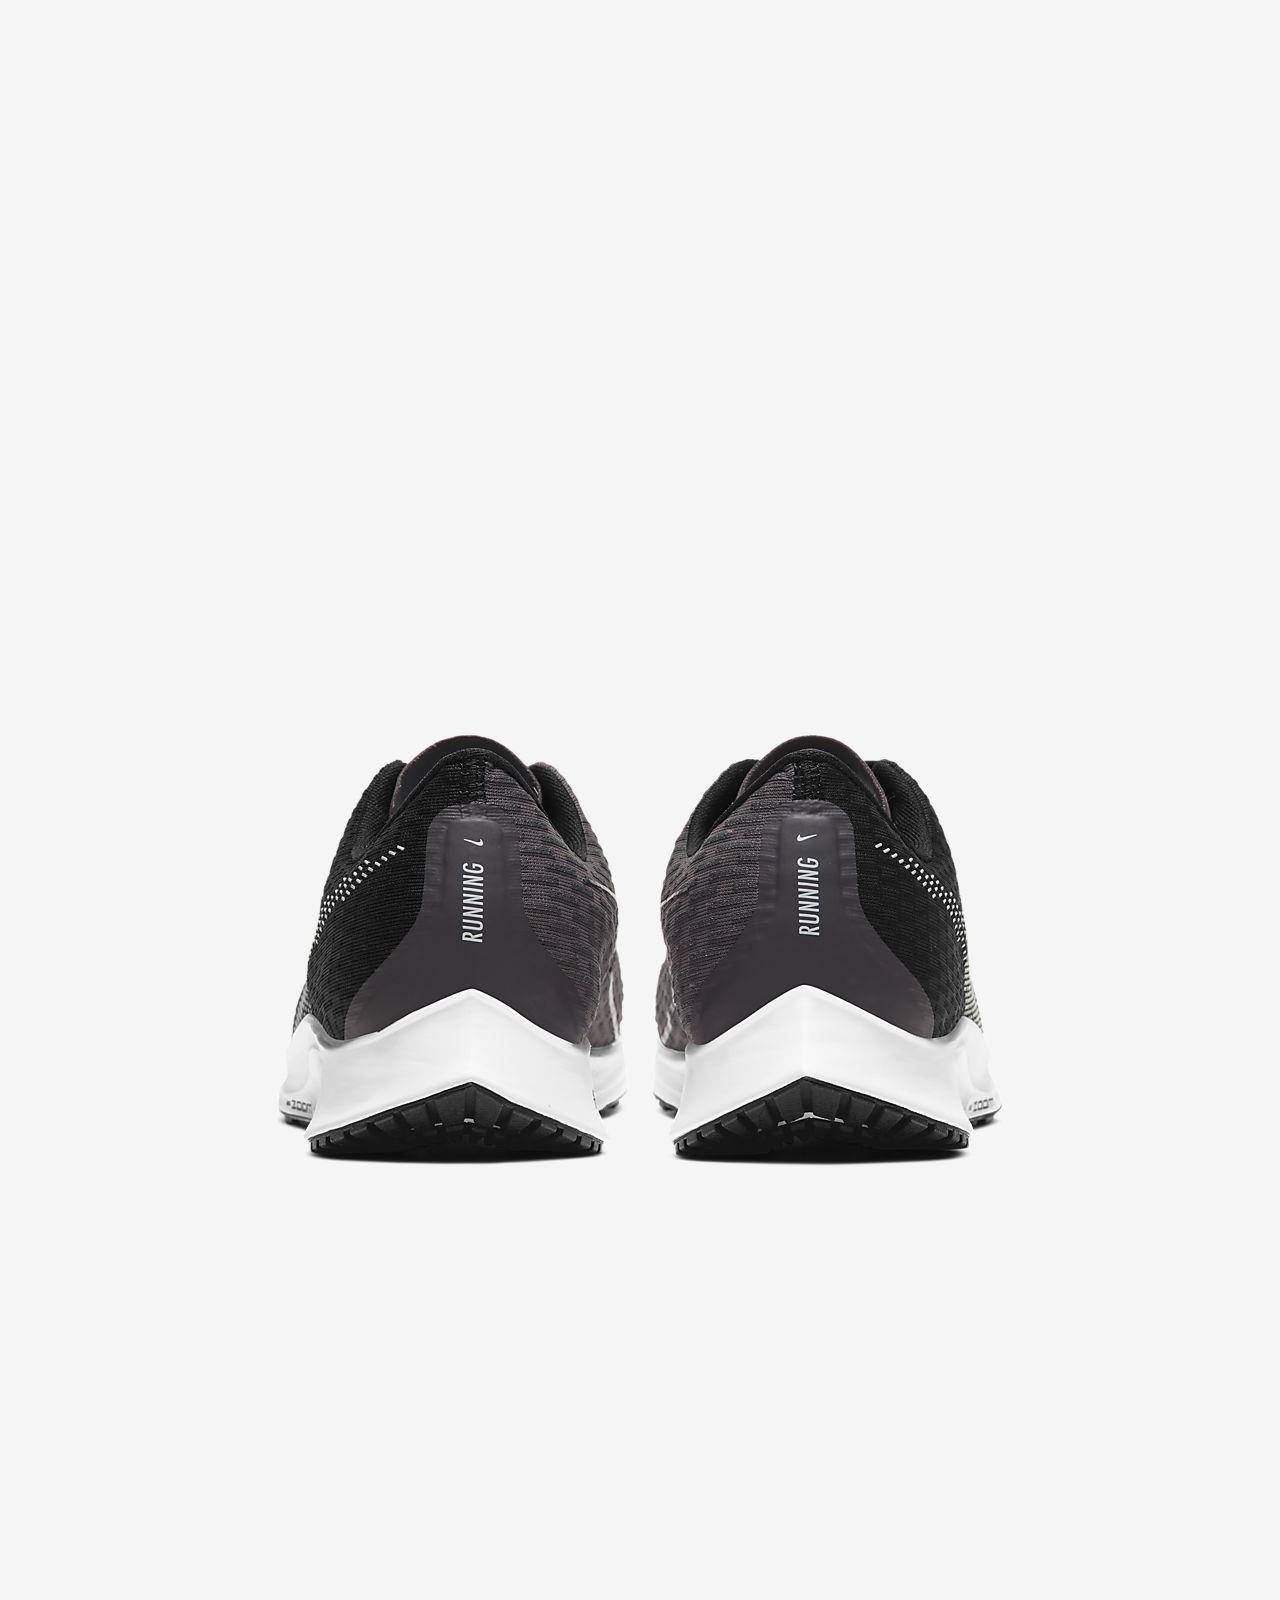 Nike Zoom Rival Fly 2 Hardloopschoen voor dames